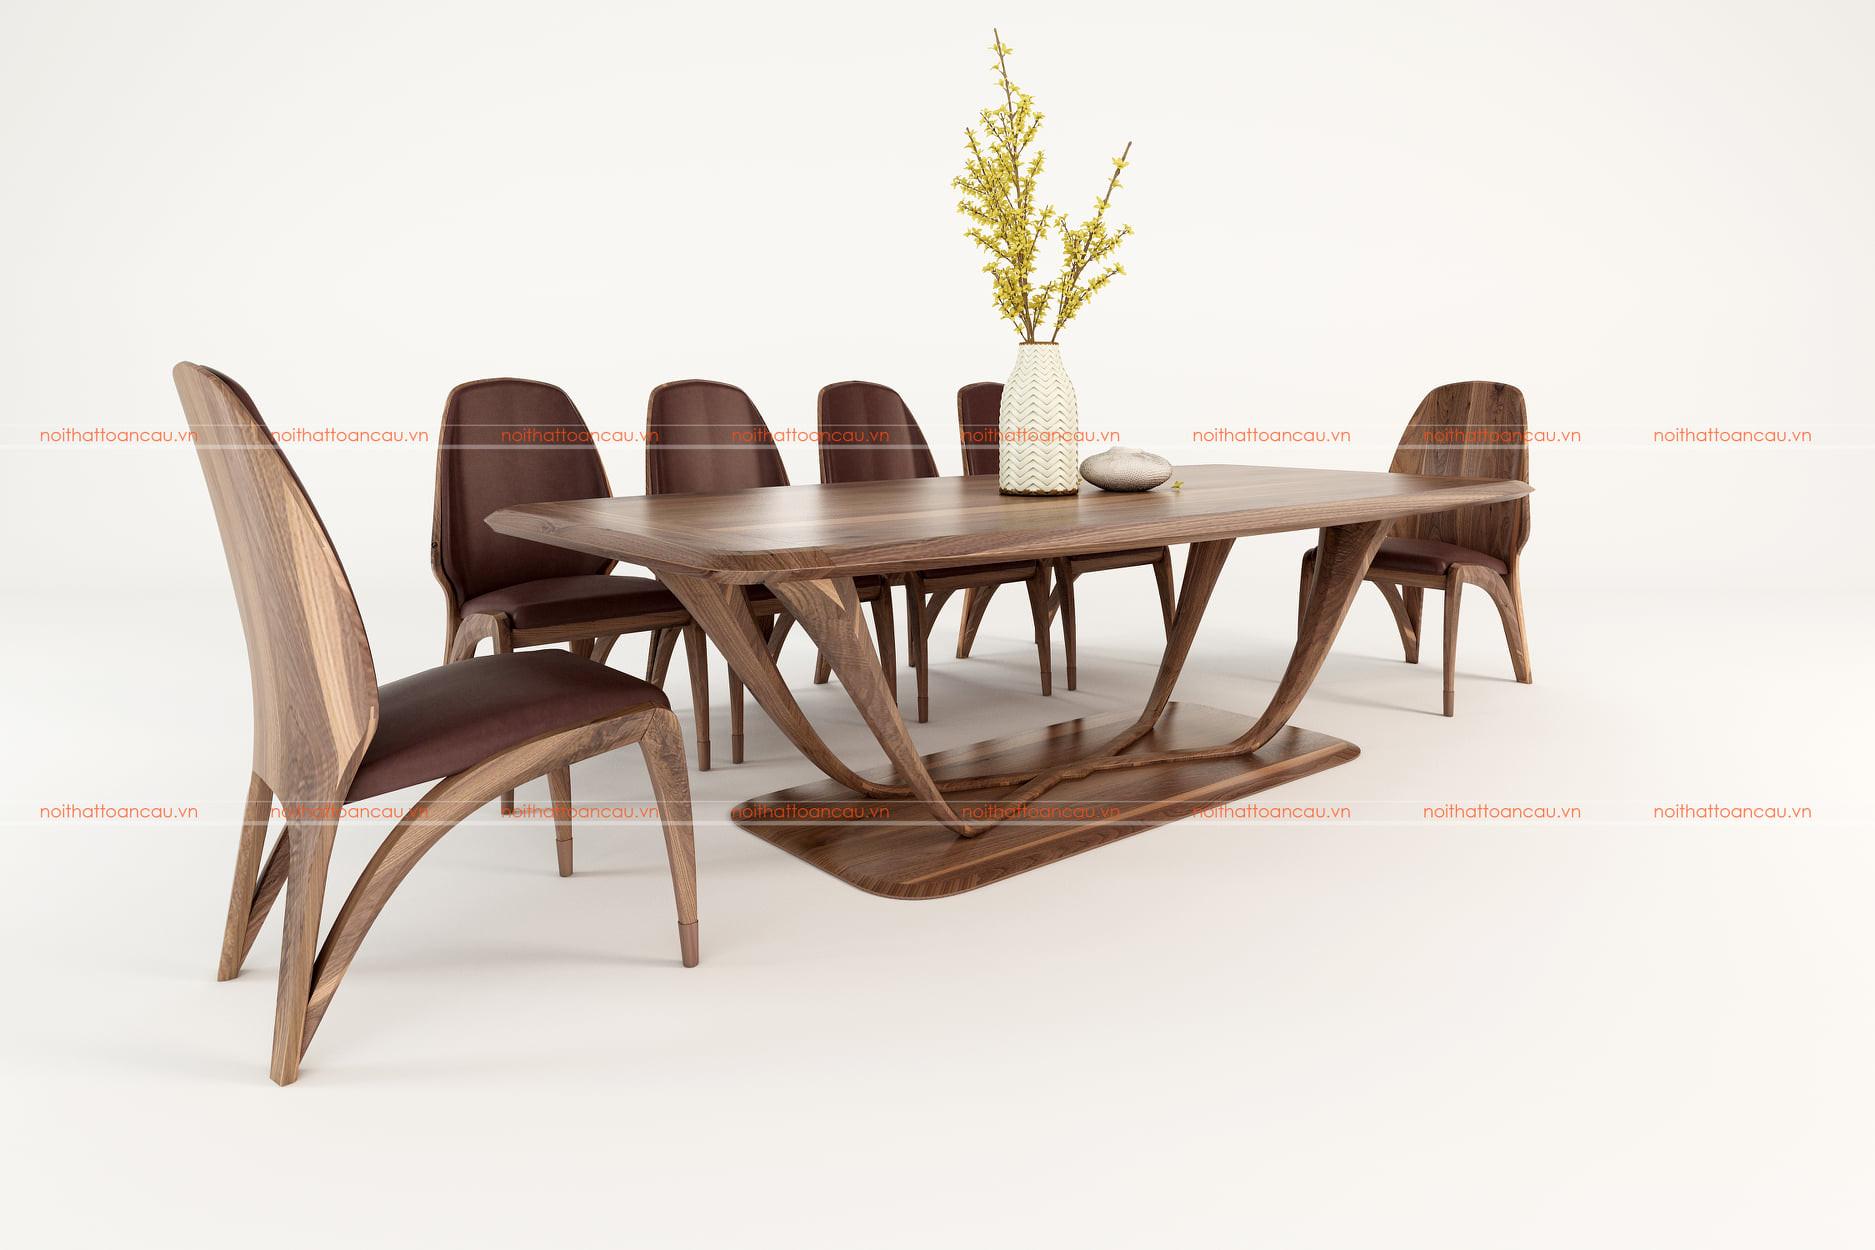 Bộ bàn ăn 8 ghế gỗ óc chó - TC816